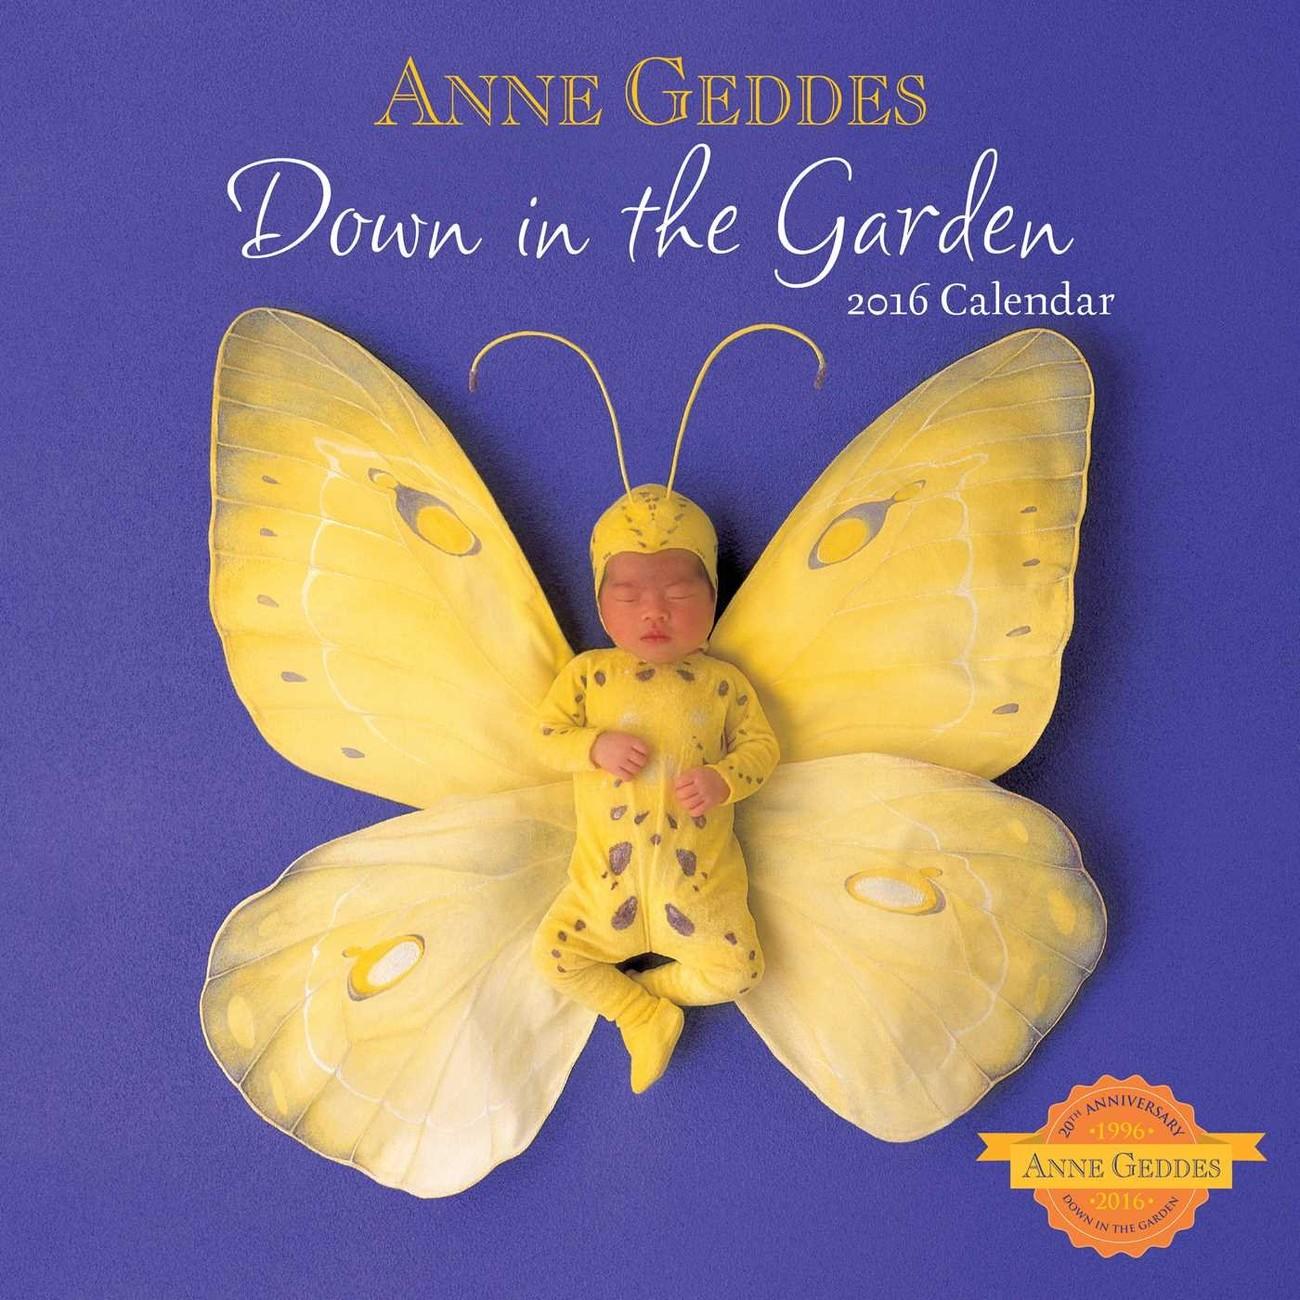 anne geddes naptár Anne Geddes   Down in the Garden   Calendars 2019 on UKposters  anne geddes naptár